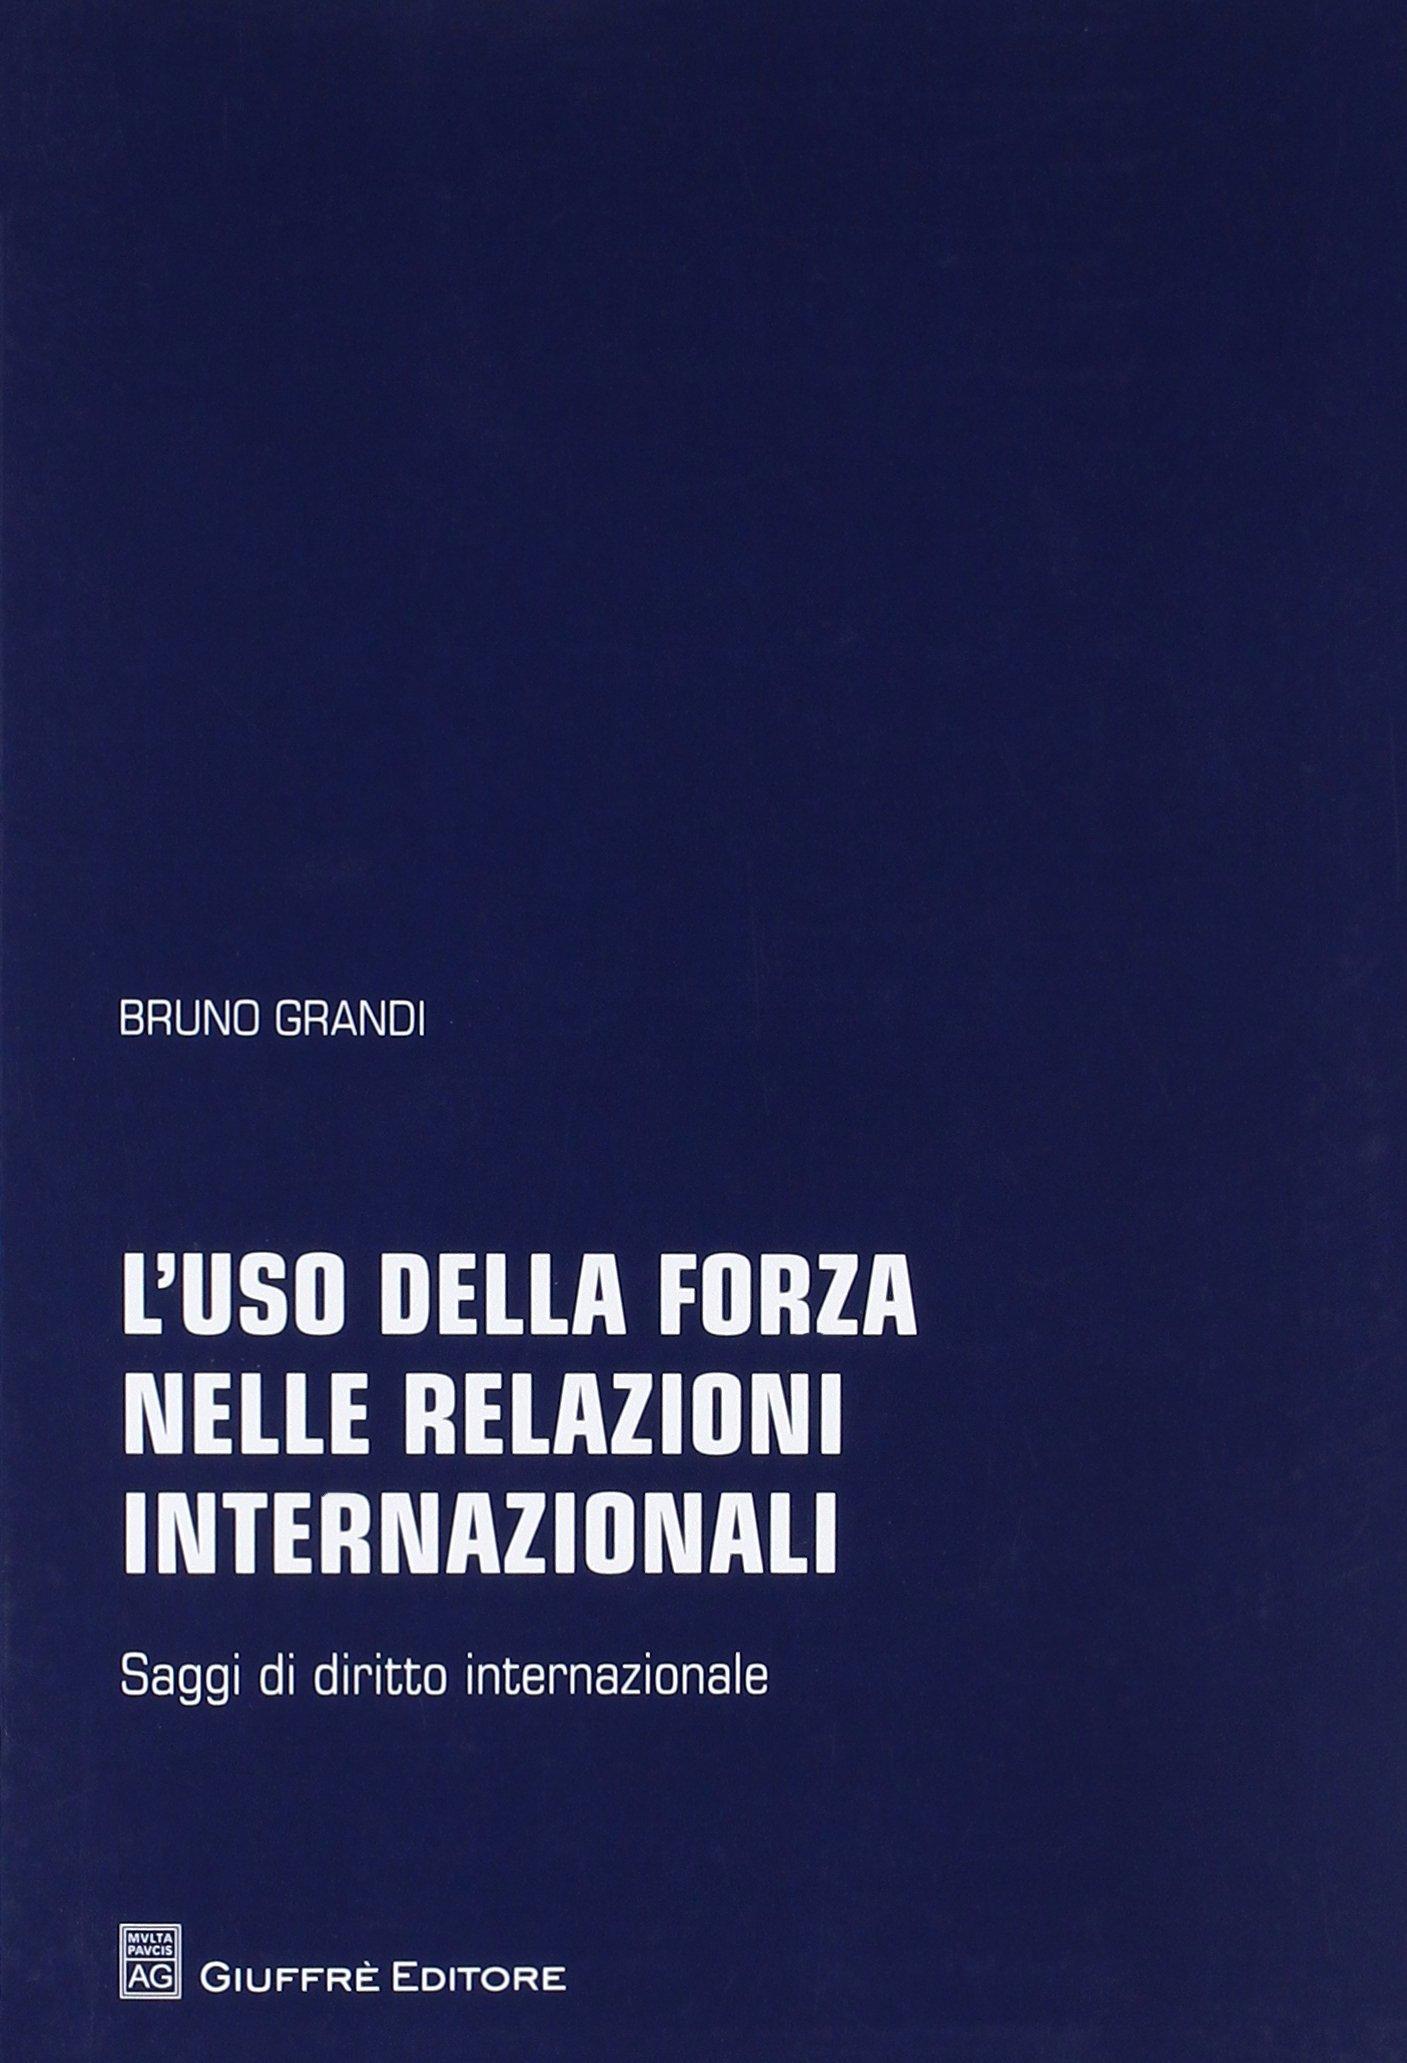 L'uso della forza nelle relazioni internazionali. Saggi di diritto internazionale Copertina flessibile – 13 feb 2018 Bruno Grandi Giuffrè 8814225397